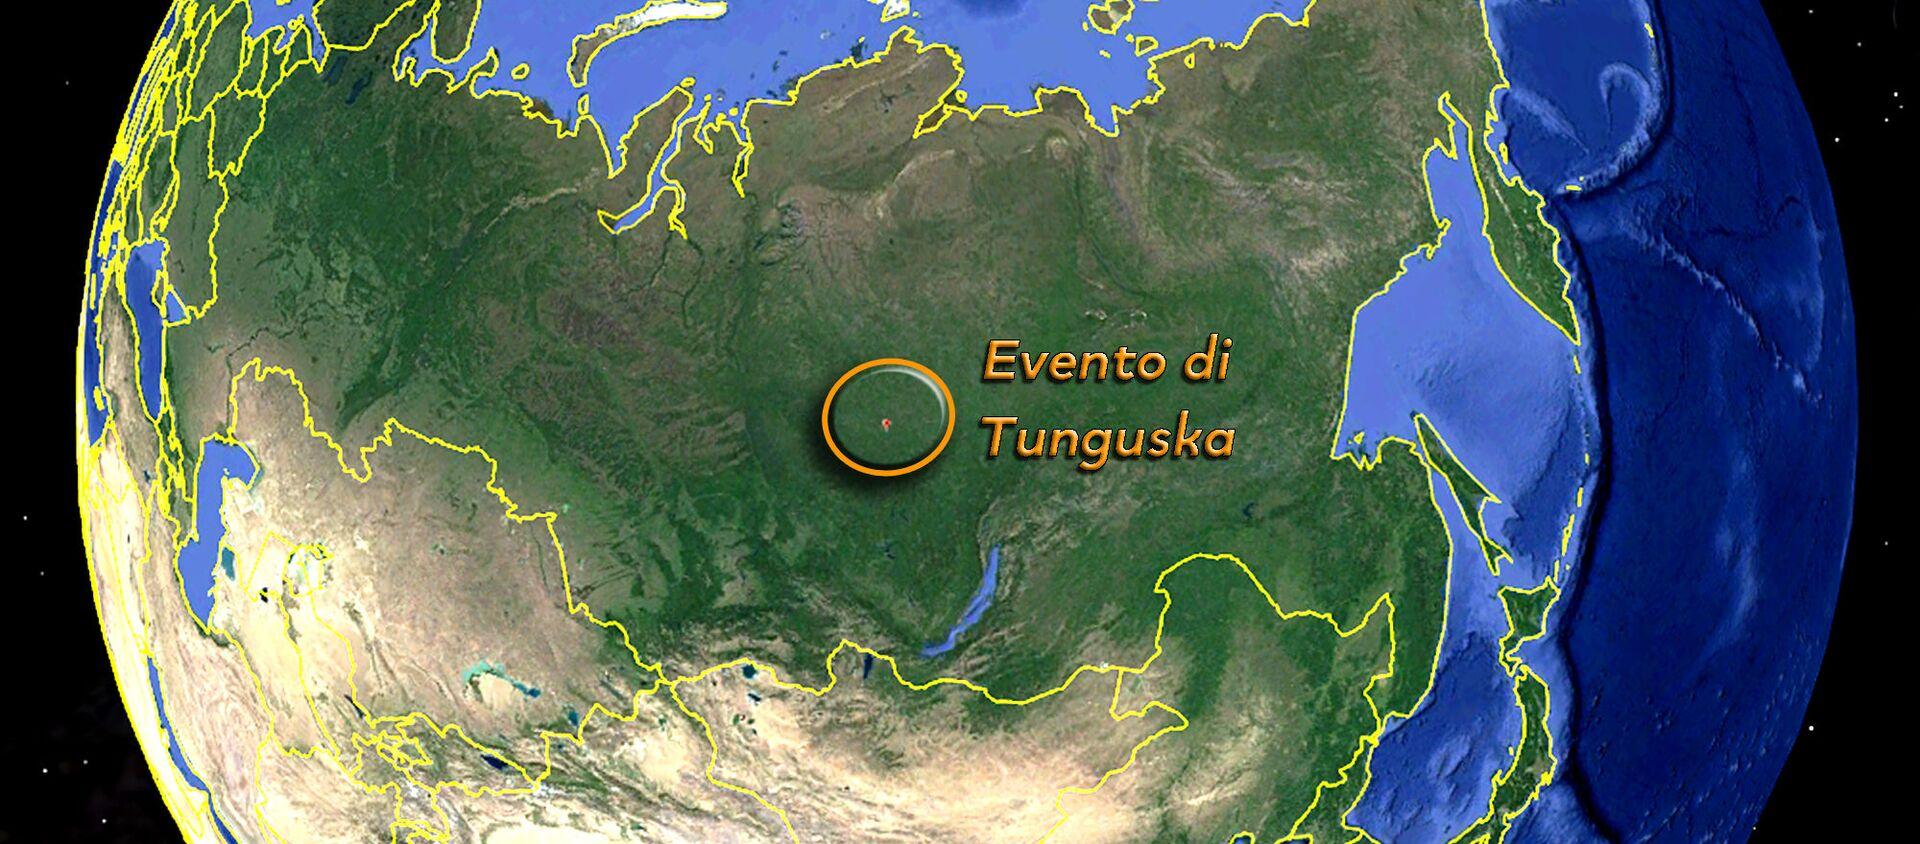 L'evento di Tunguska sulla mappa - Sputnik Italia, 1920, 29.06.2019